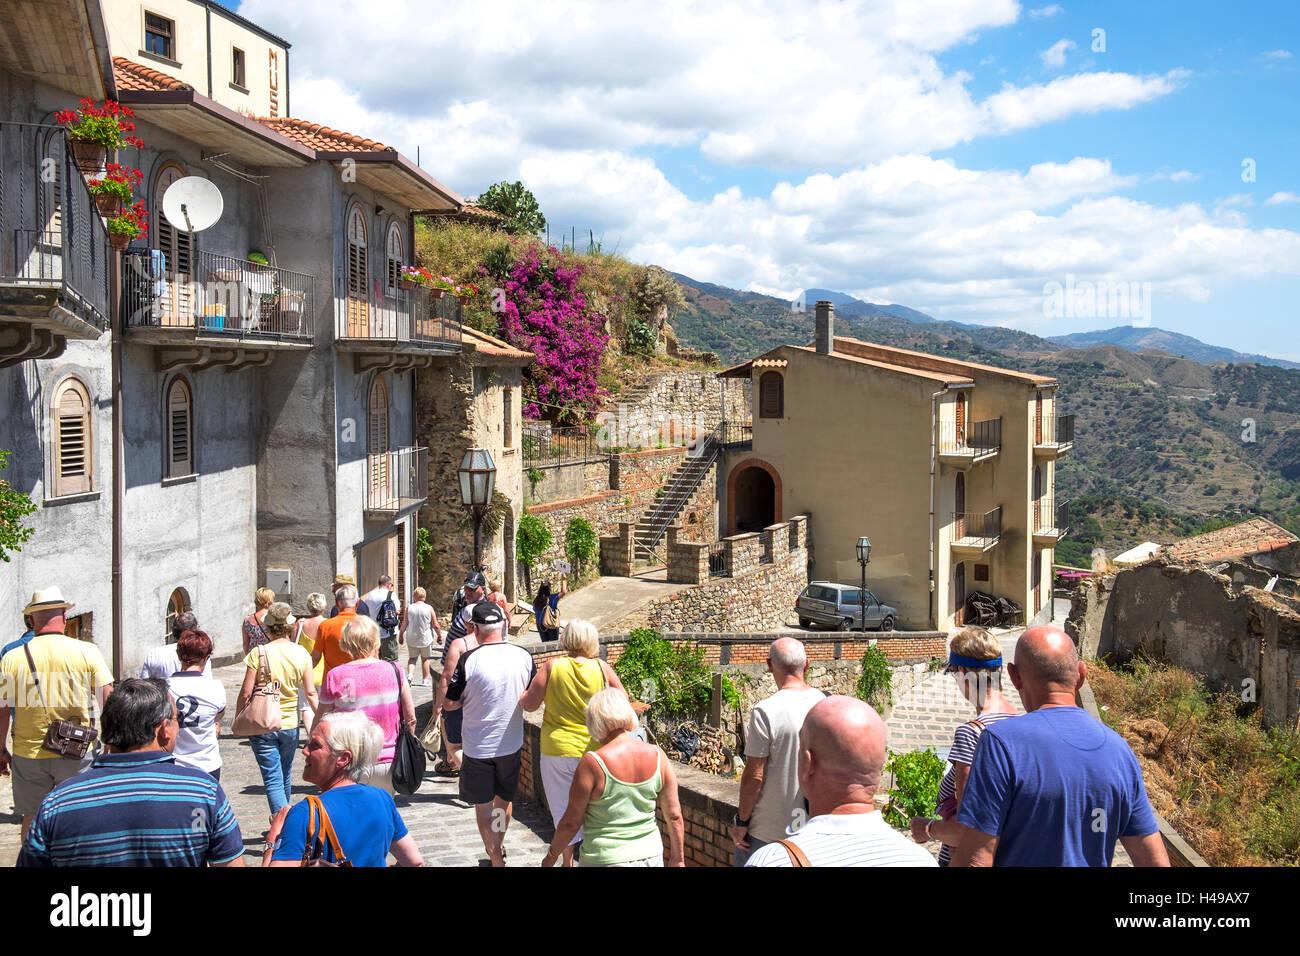 Un groupe de touristes en visite dans le village de montagne de Savoca sur l'île de la Sicile, en Italie. Photo Stock